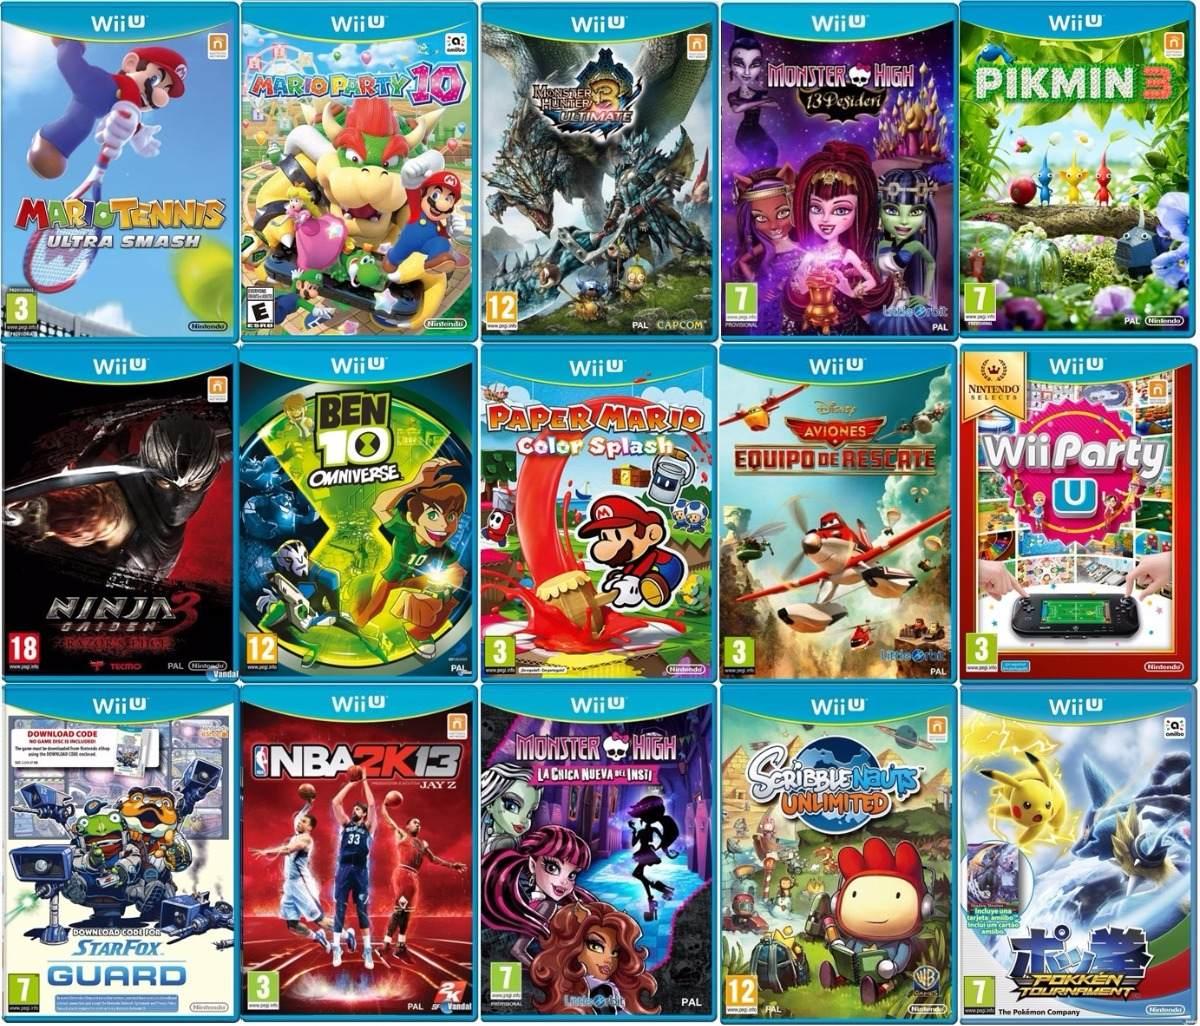 Nintendo Wii U 500gb 90 Wiiu Juegos Mejor Que Switch 589900 En Mercado Libre